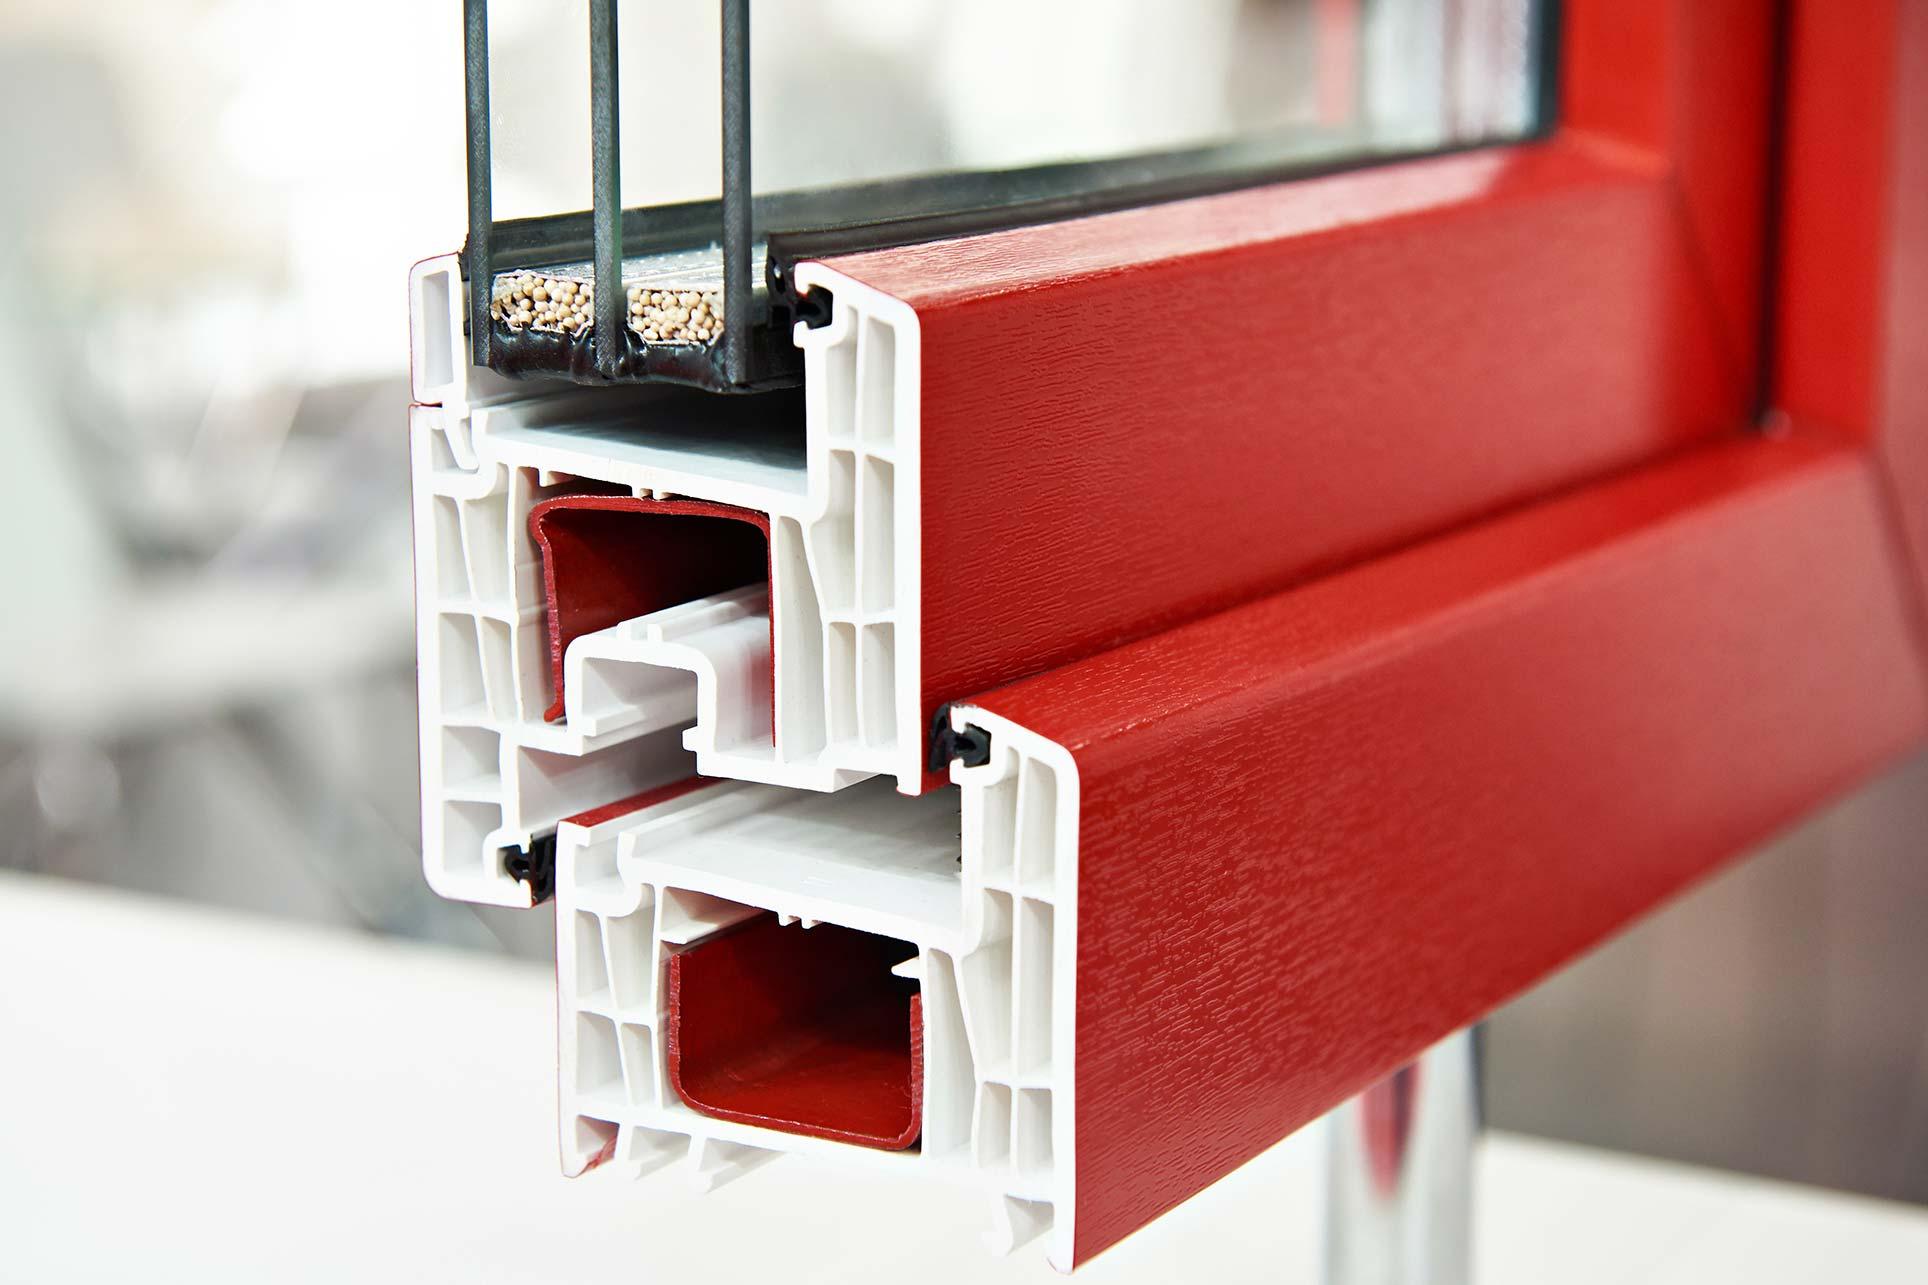 PVC Fenster erhalten ihre Farbe durch eine spezielle Dekorfolie während der Produktion.